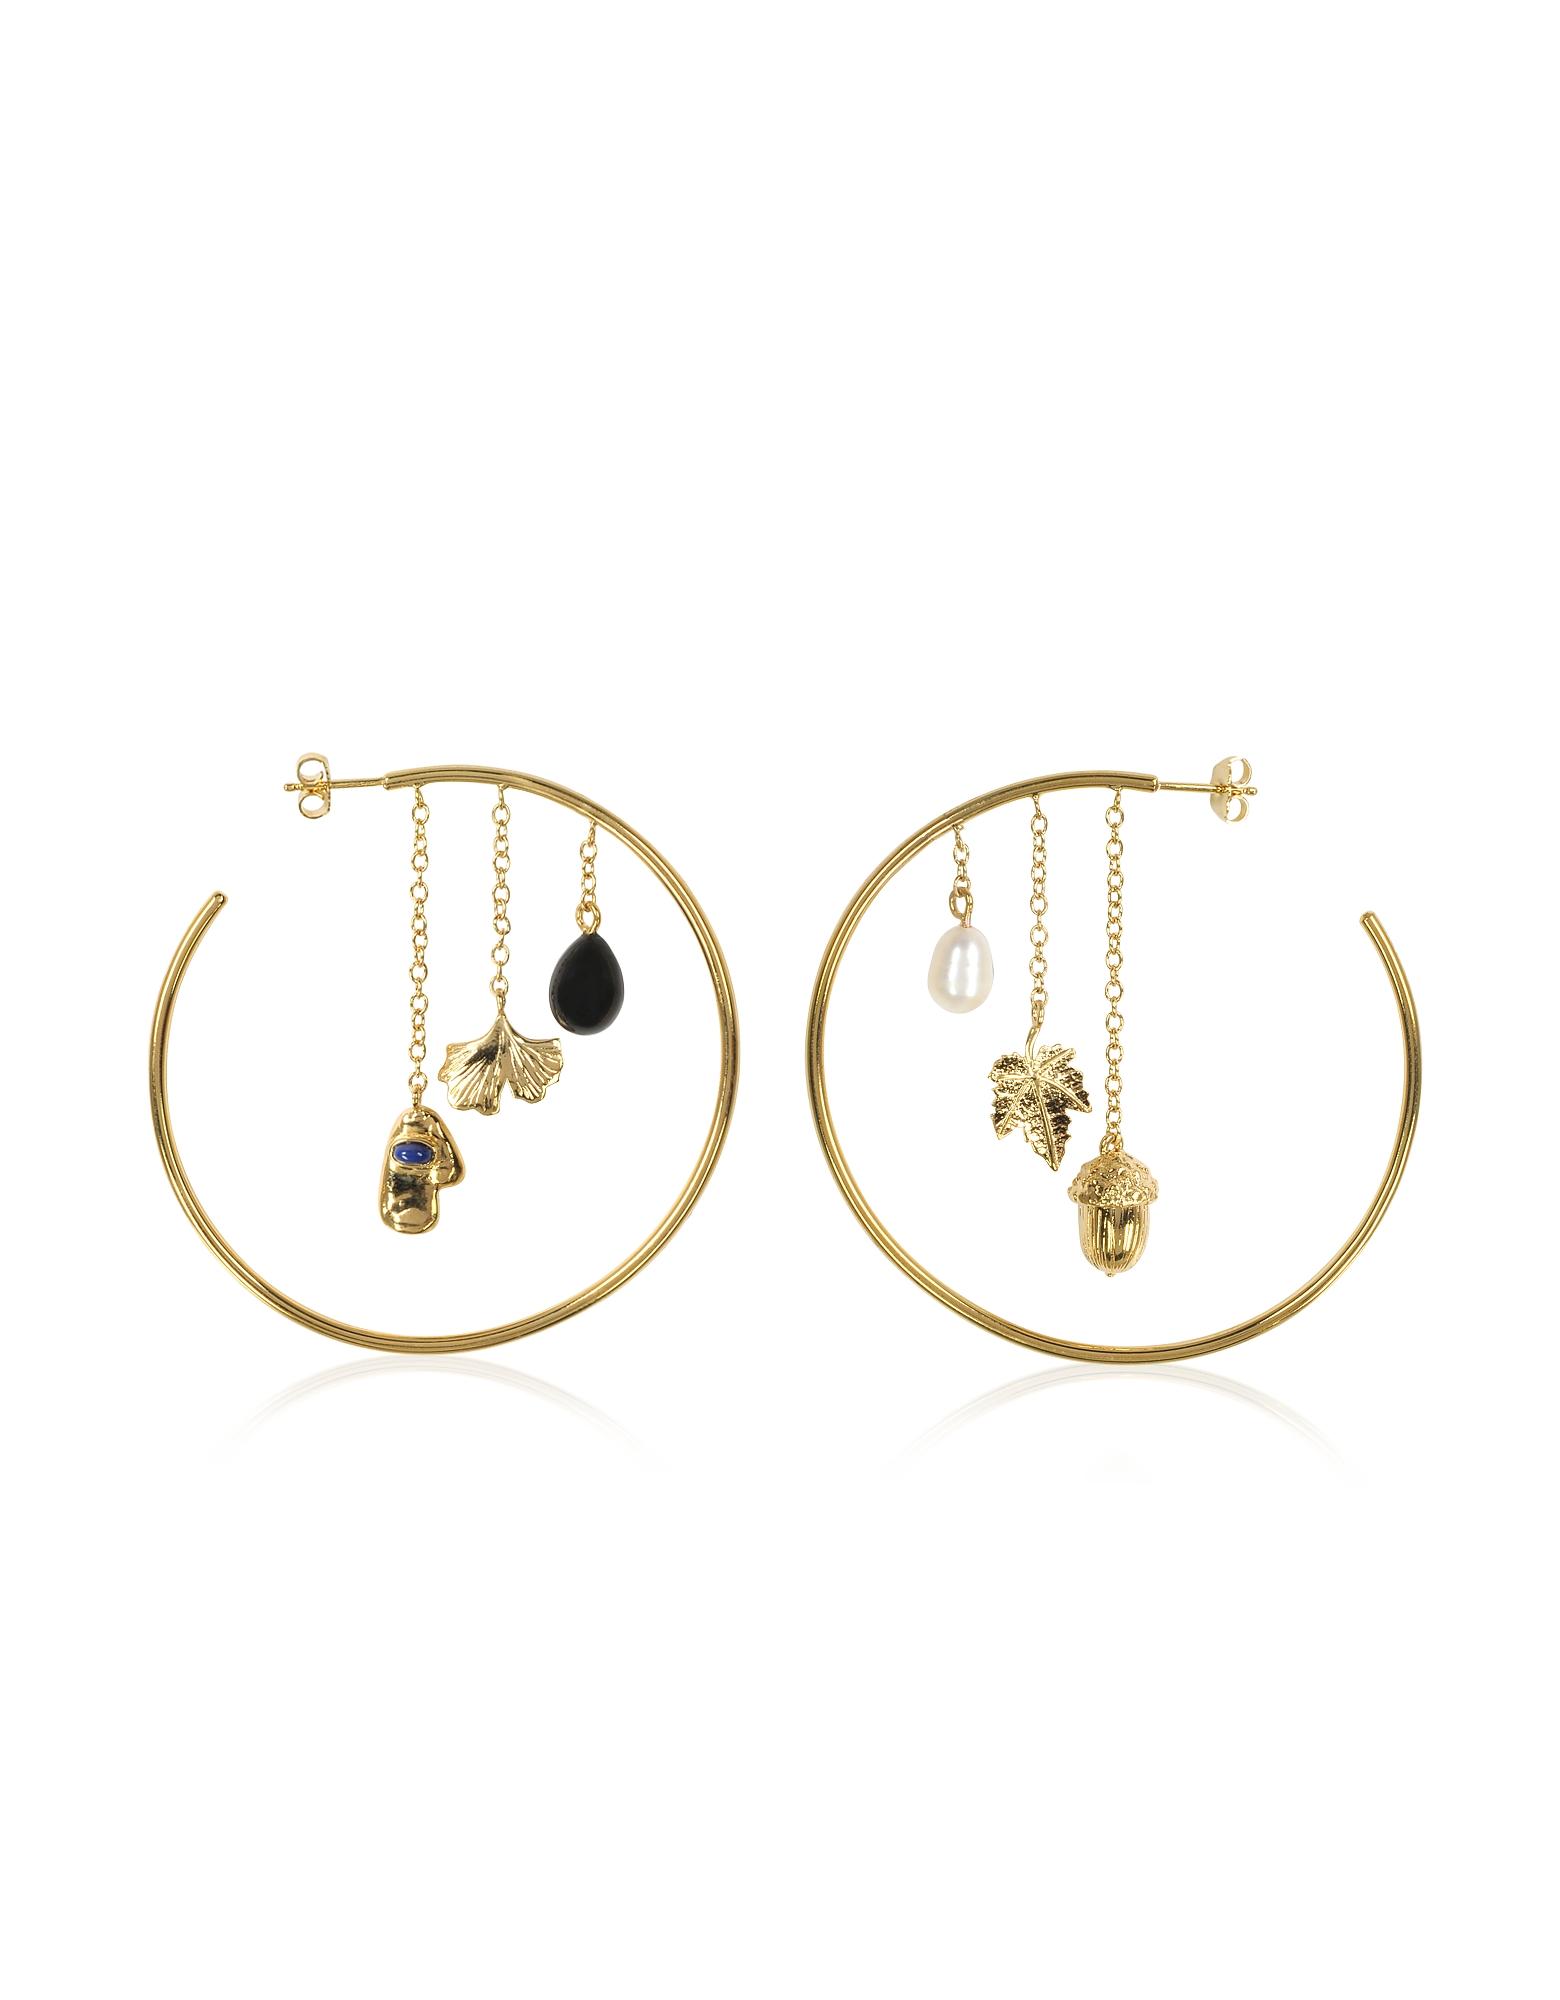 Image of Aurelie Bidermann Designer Earrings, Barbizon 18K Gold-Palted Hoop Earrings w/Pearls